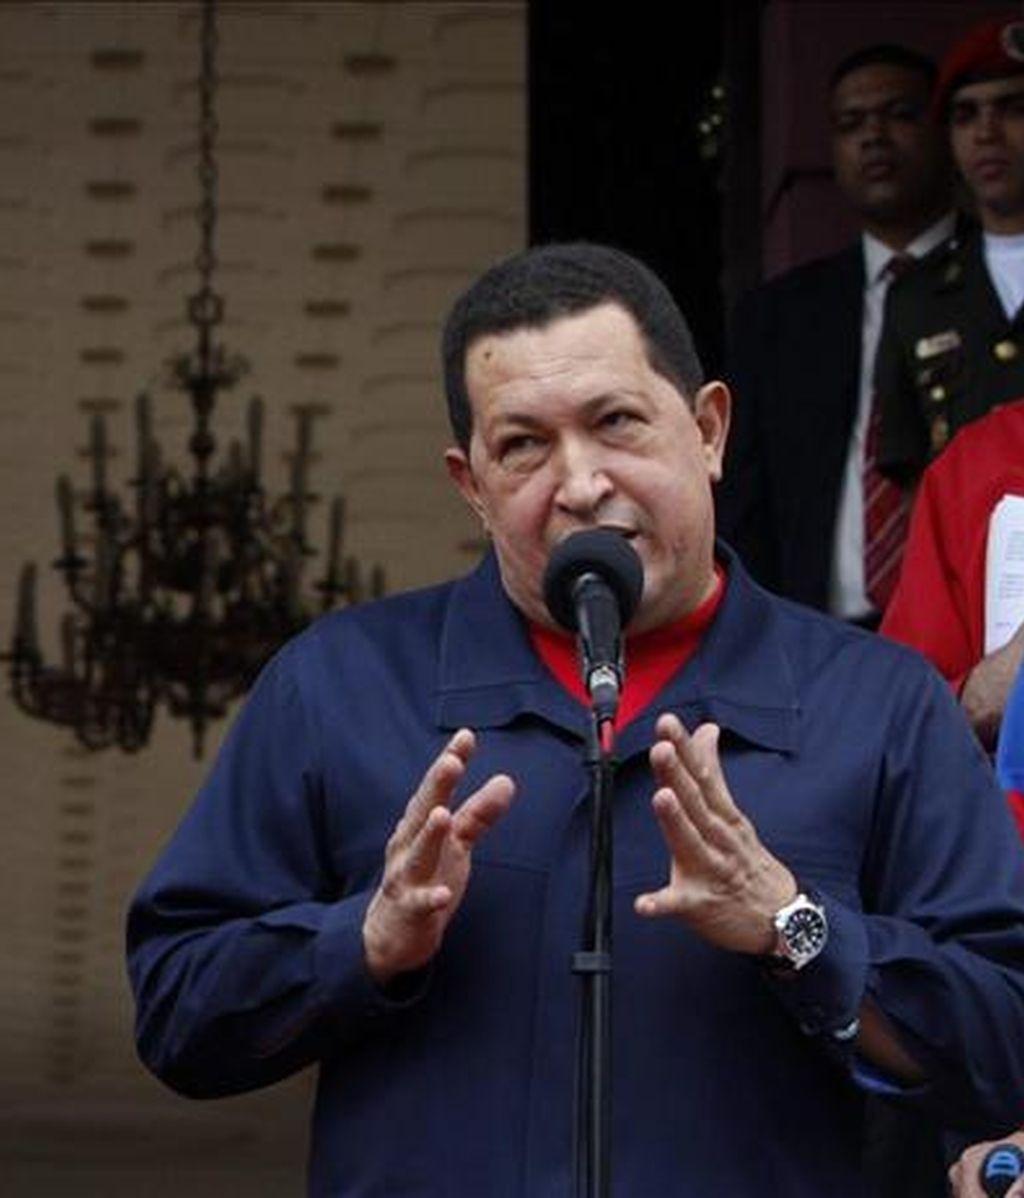 El presidente de Venezuela, Hugo Chávez (d), habla el pasado 22 de julio en Caracas, donde anunció la ruptura de las relaciones diplomáticas con Colombia. EFE